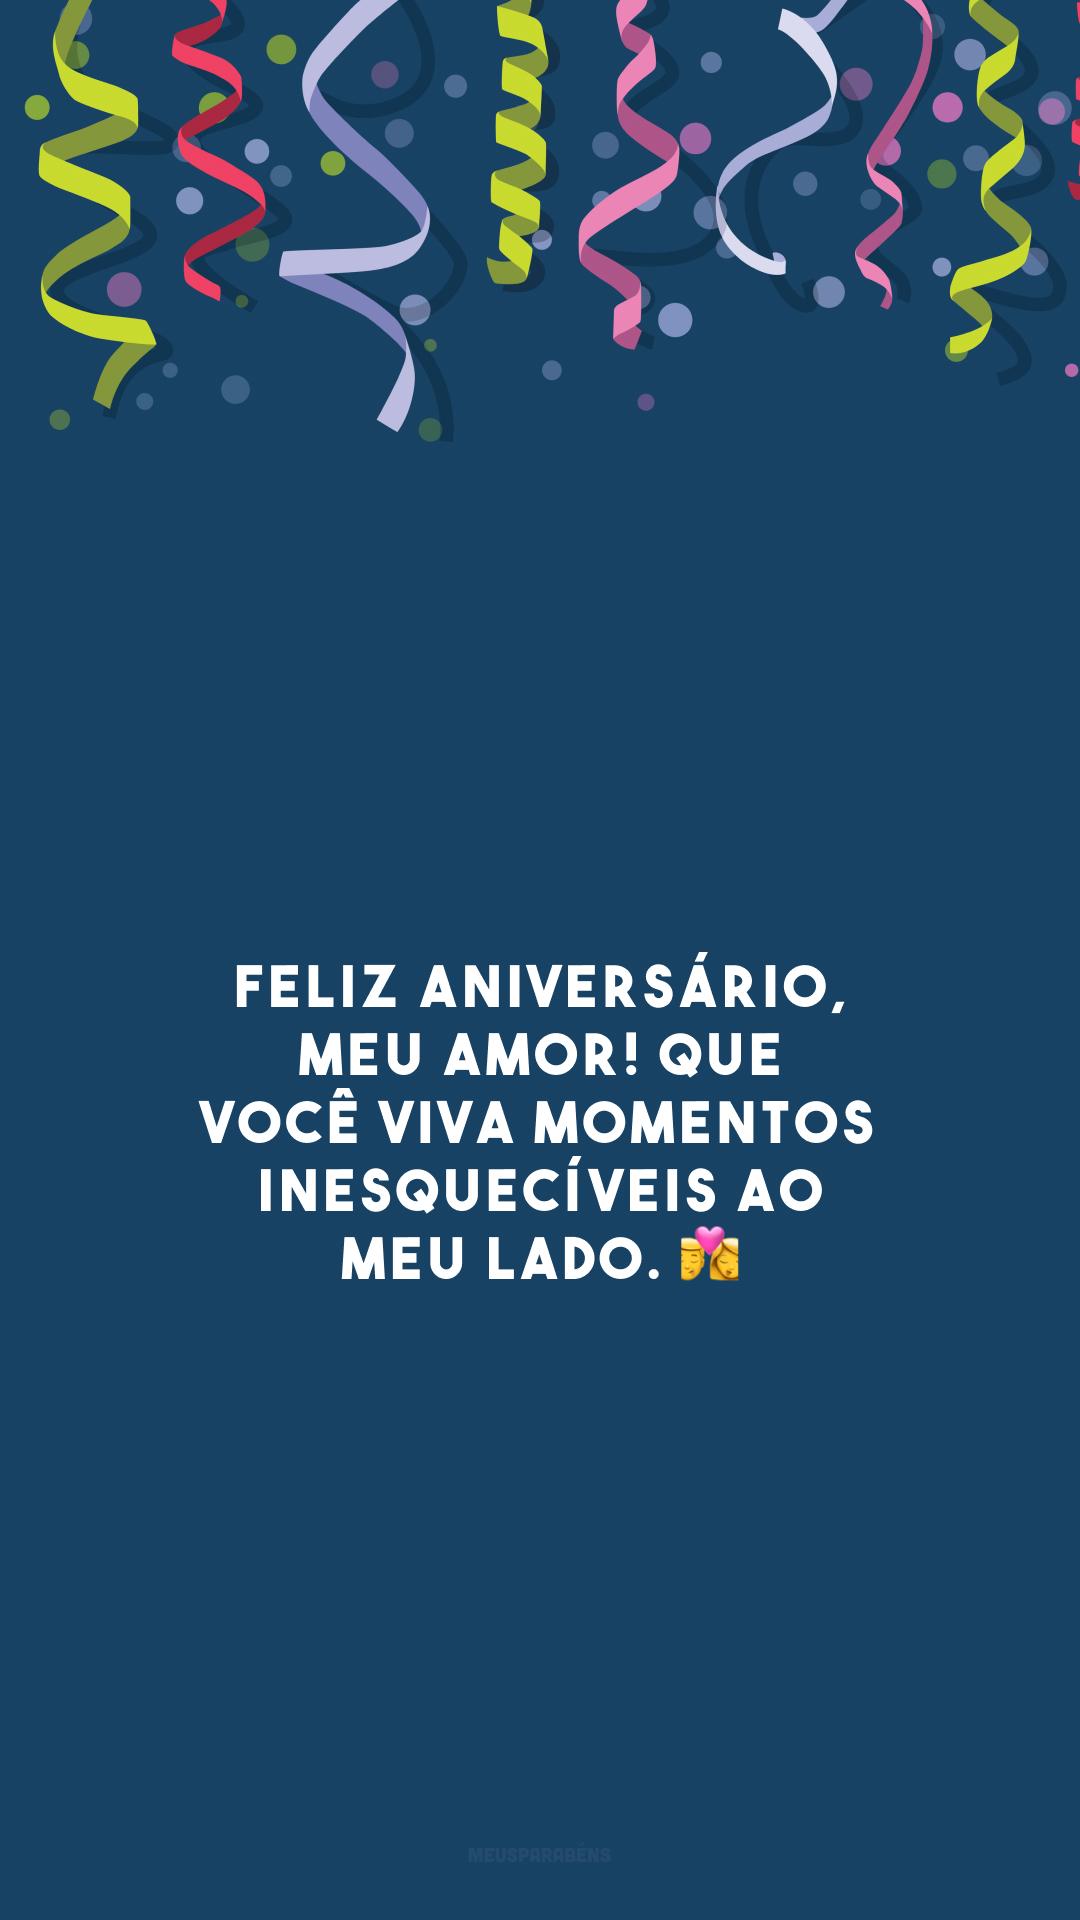 Feliz aniversário, meu amor! Que você viva momentos inesquecíveis ao meu lado. 💏